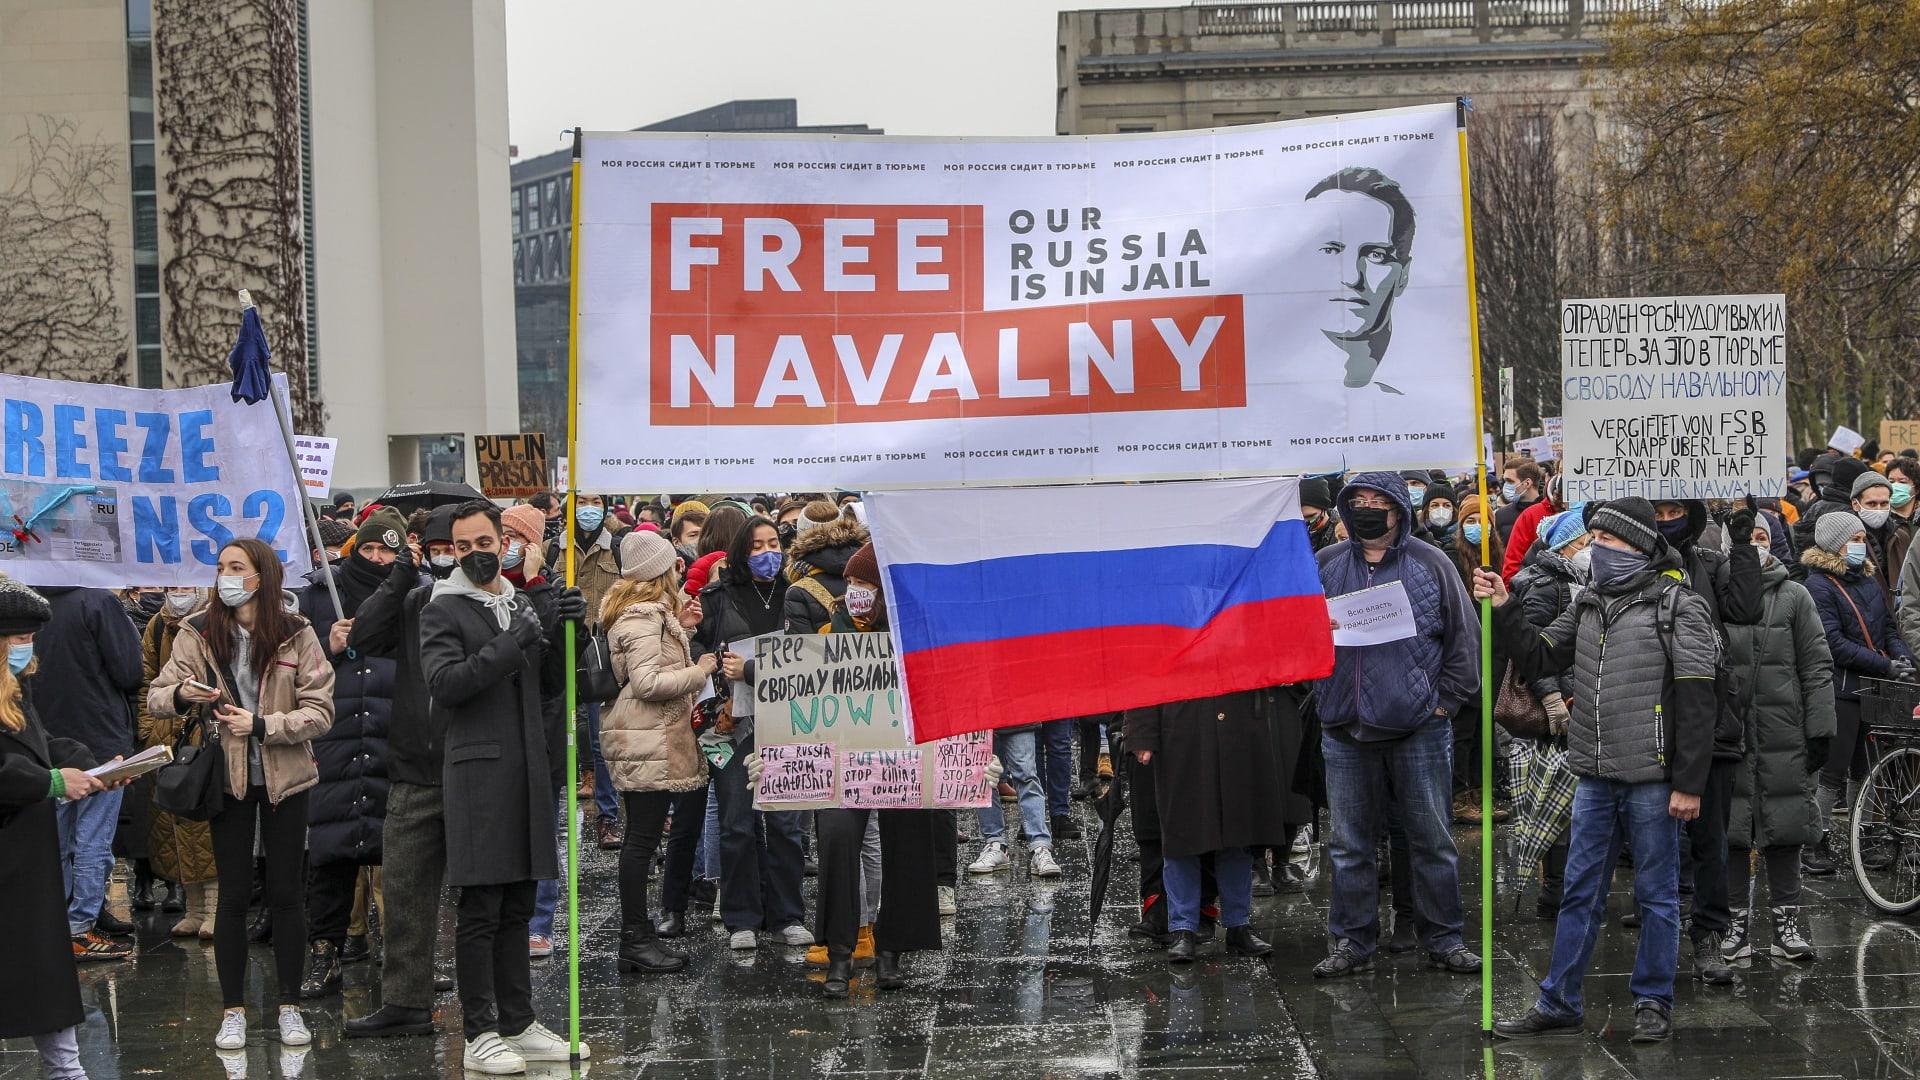 من المظاهرات المطالبة بإطلاق سراح نافالني في روسيا